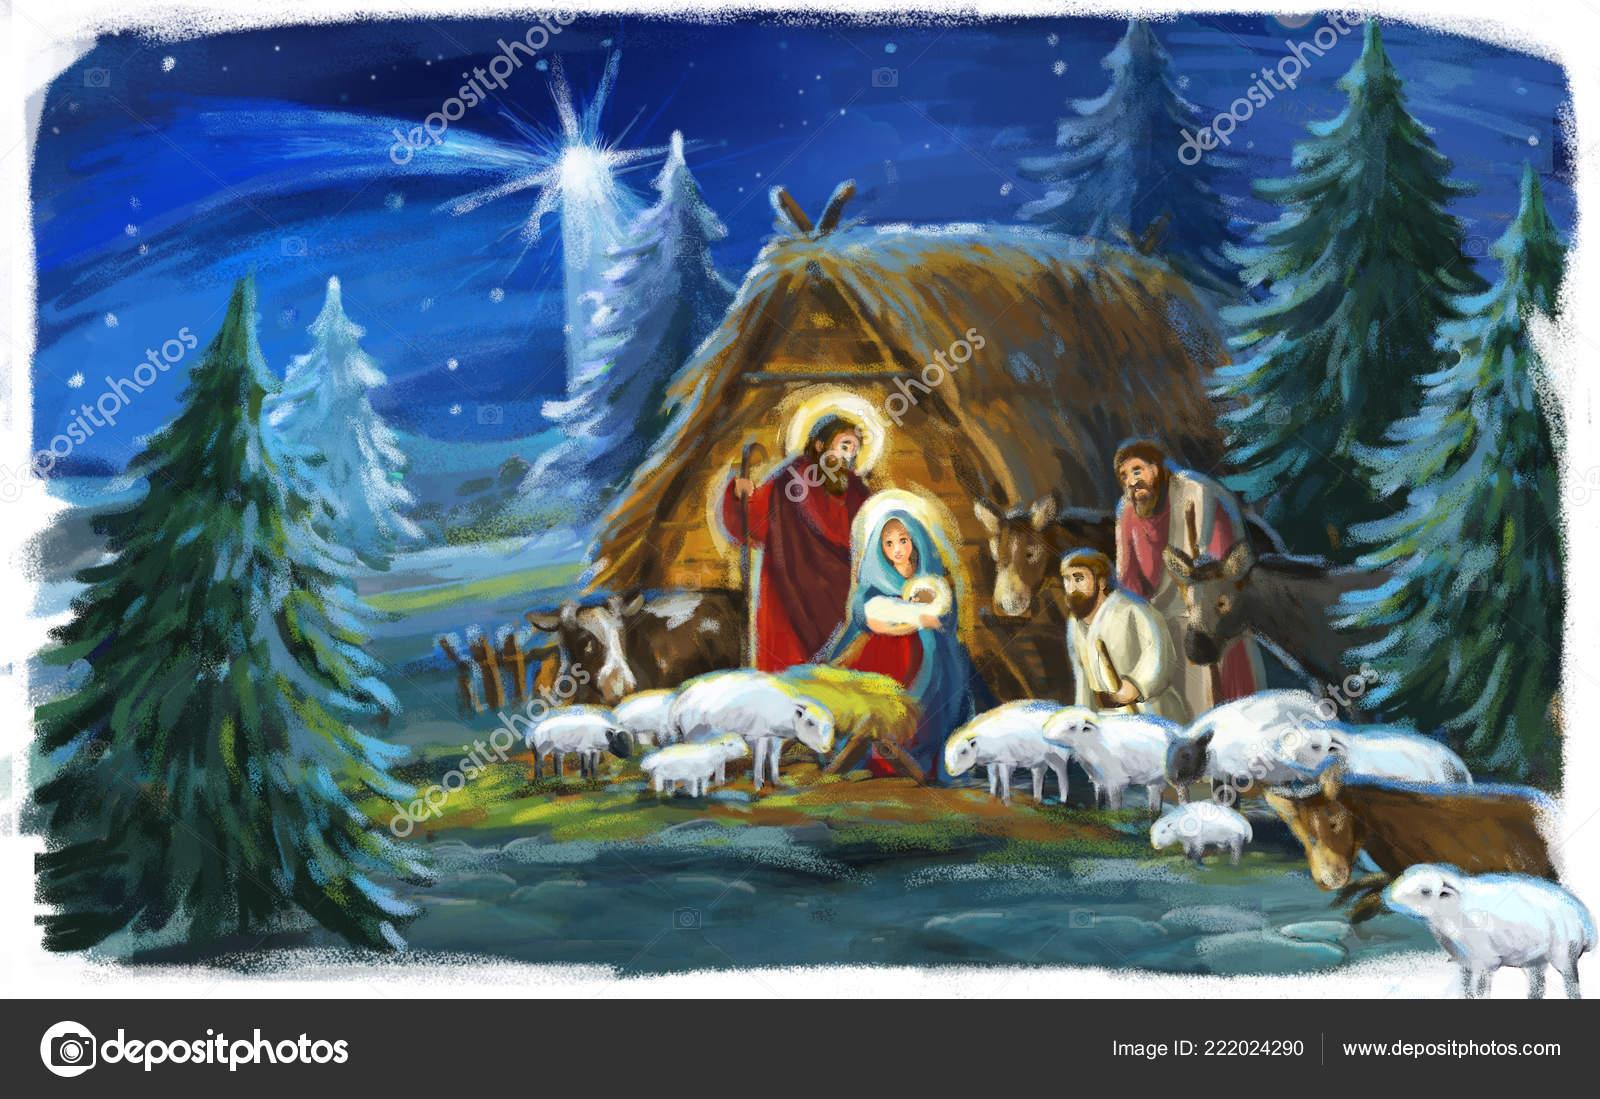 Immagini Di Natale Con Sacra Famiglia.Scena Natale Tradizionale Con Sacra Famiglia Uso Differente